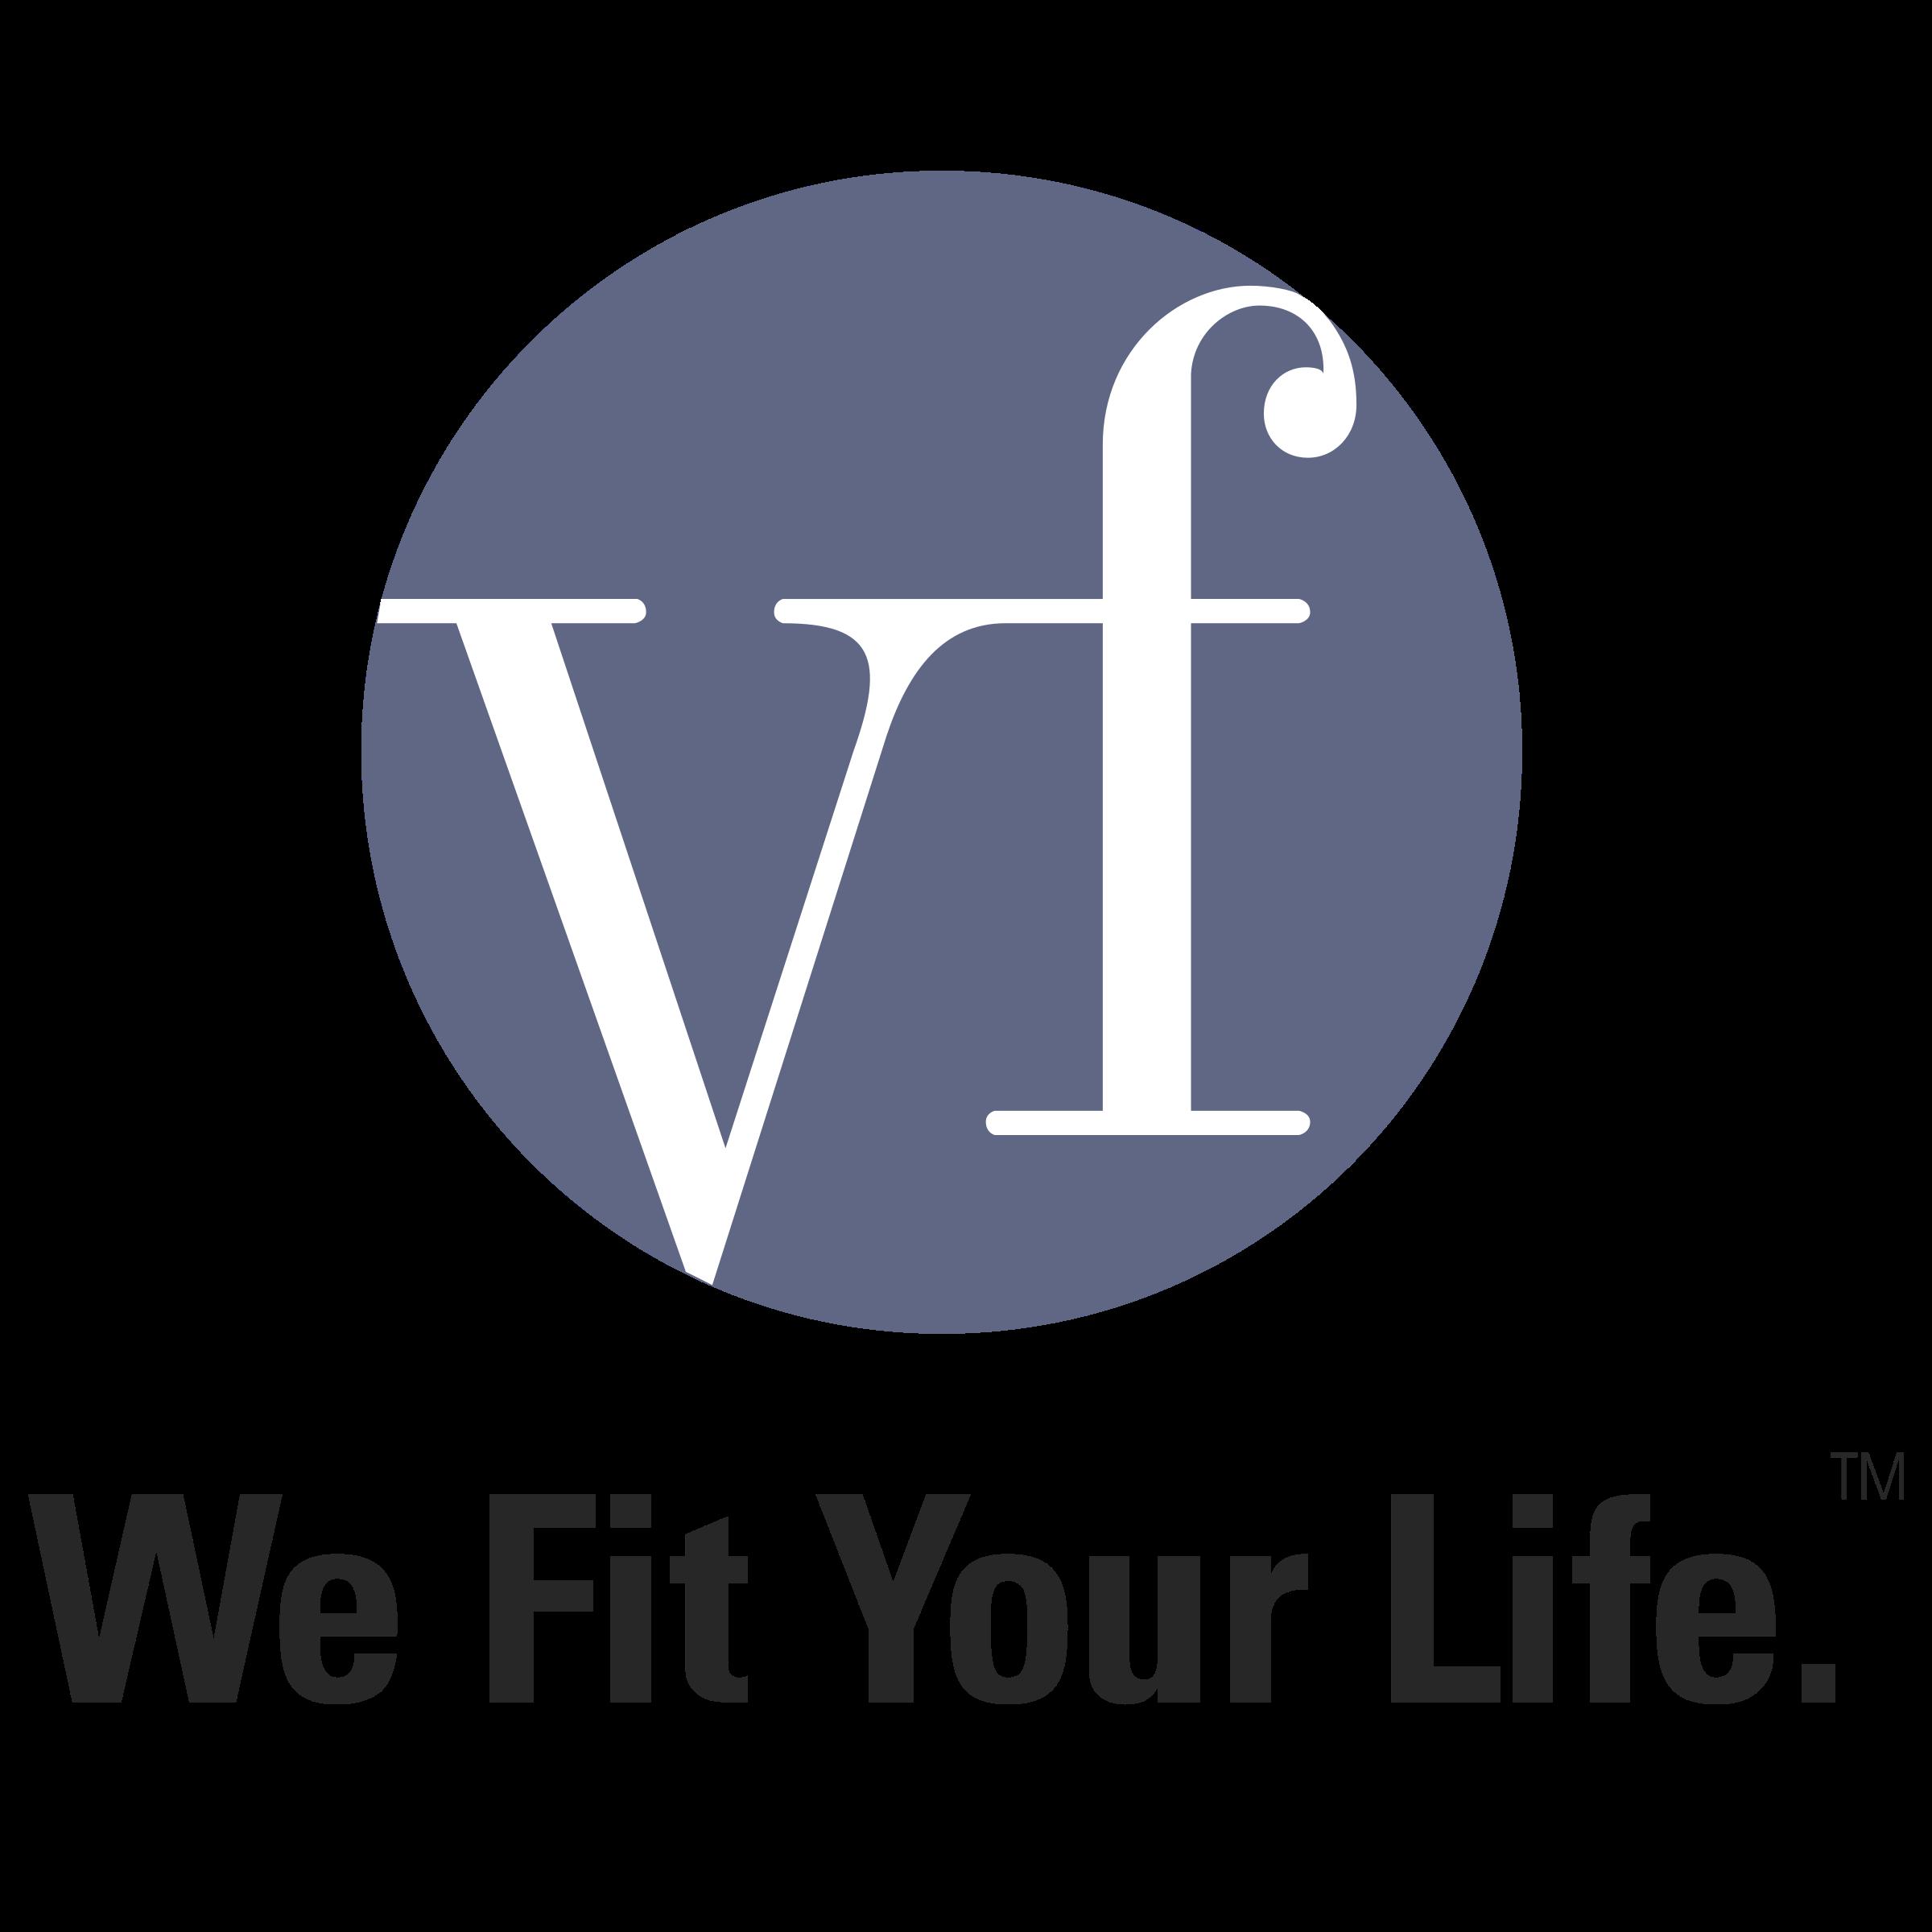 VF Logo PNG Transparent & SVG Vector.